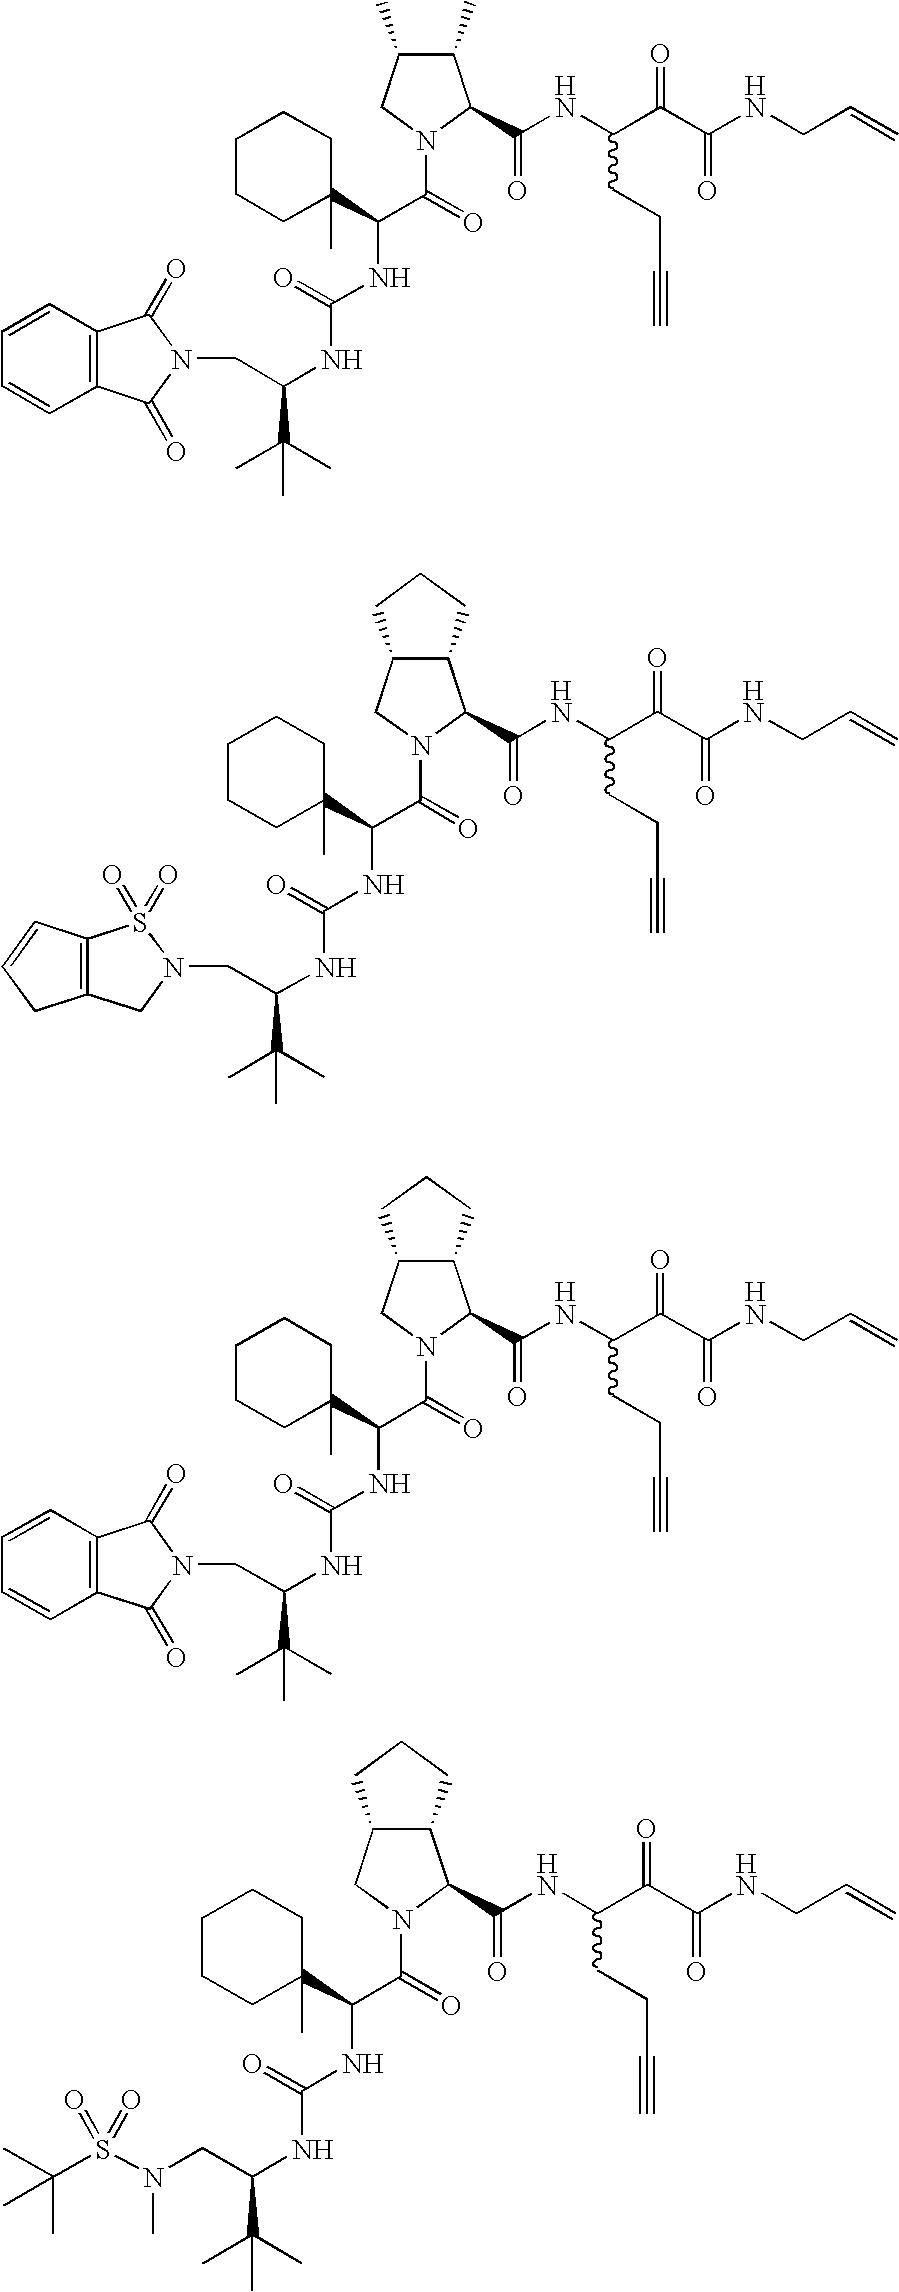 Figure US20060287248A1-20061221-C00551